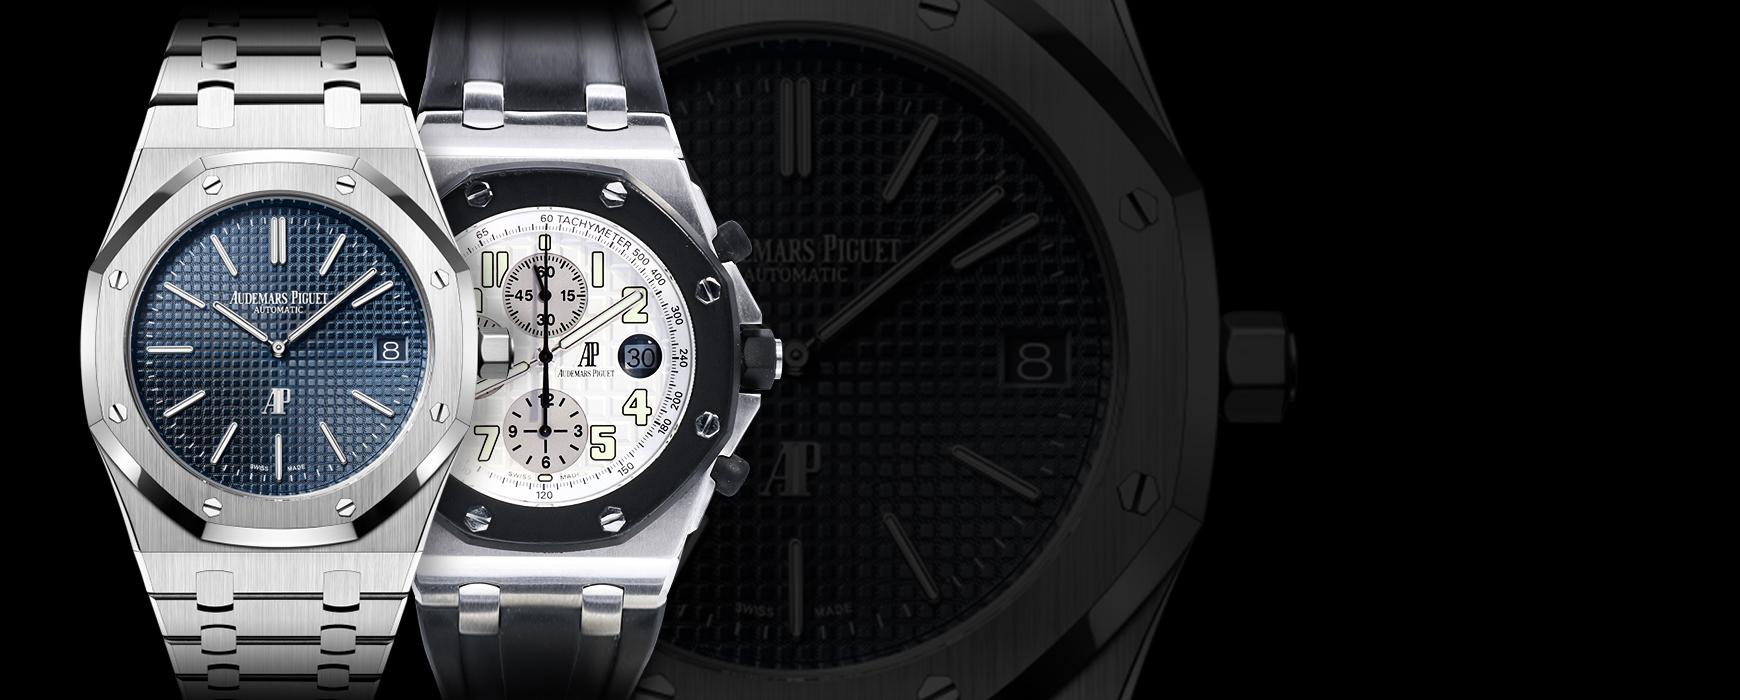 Watches Audemars Piguet